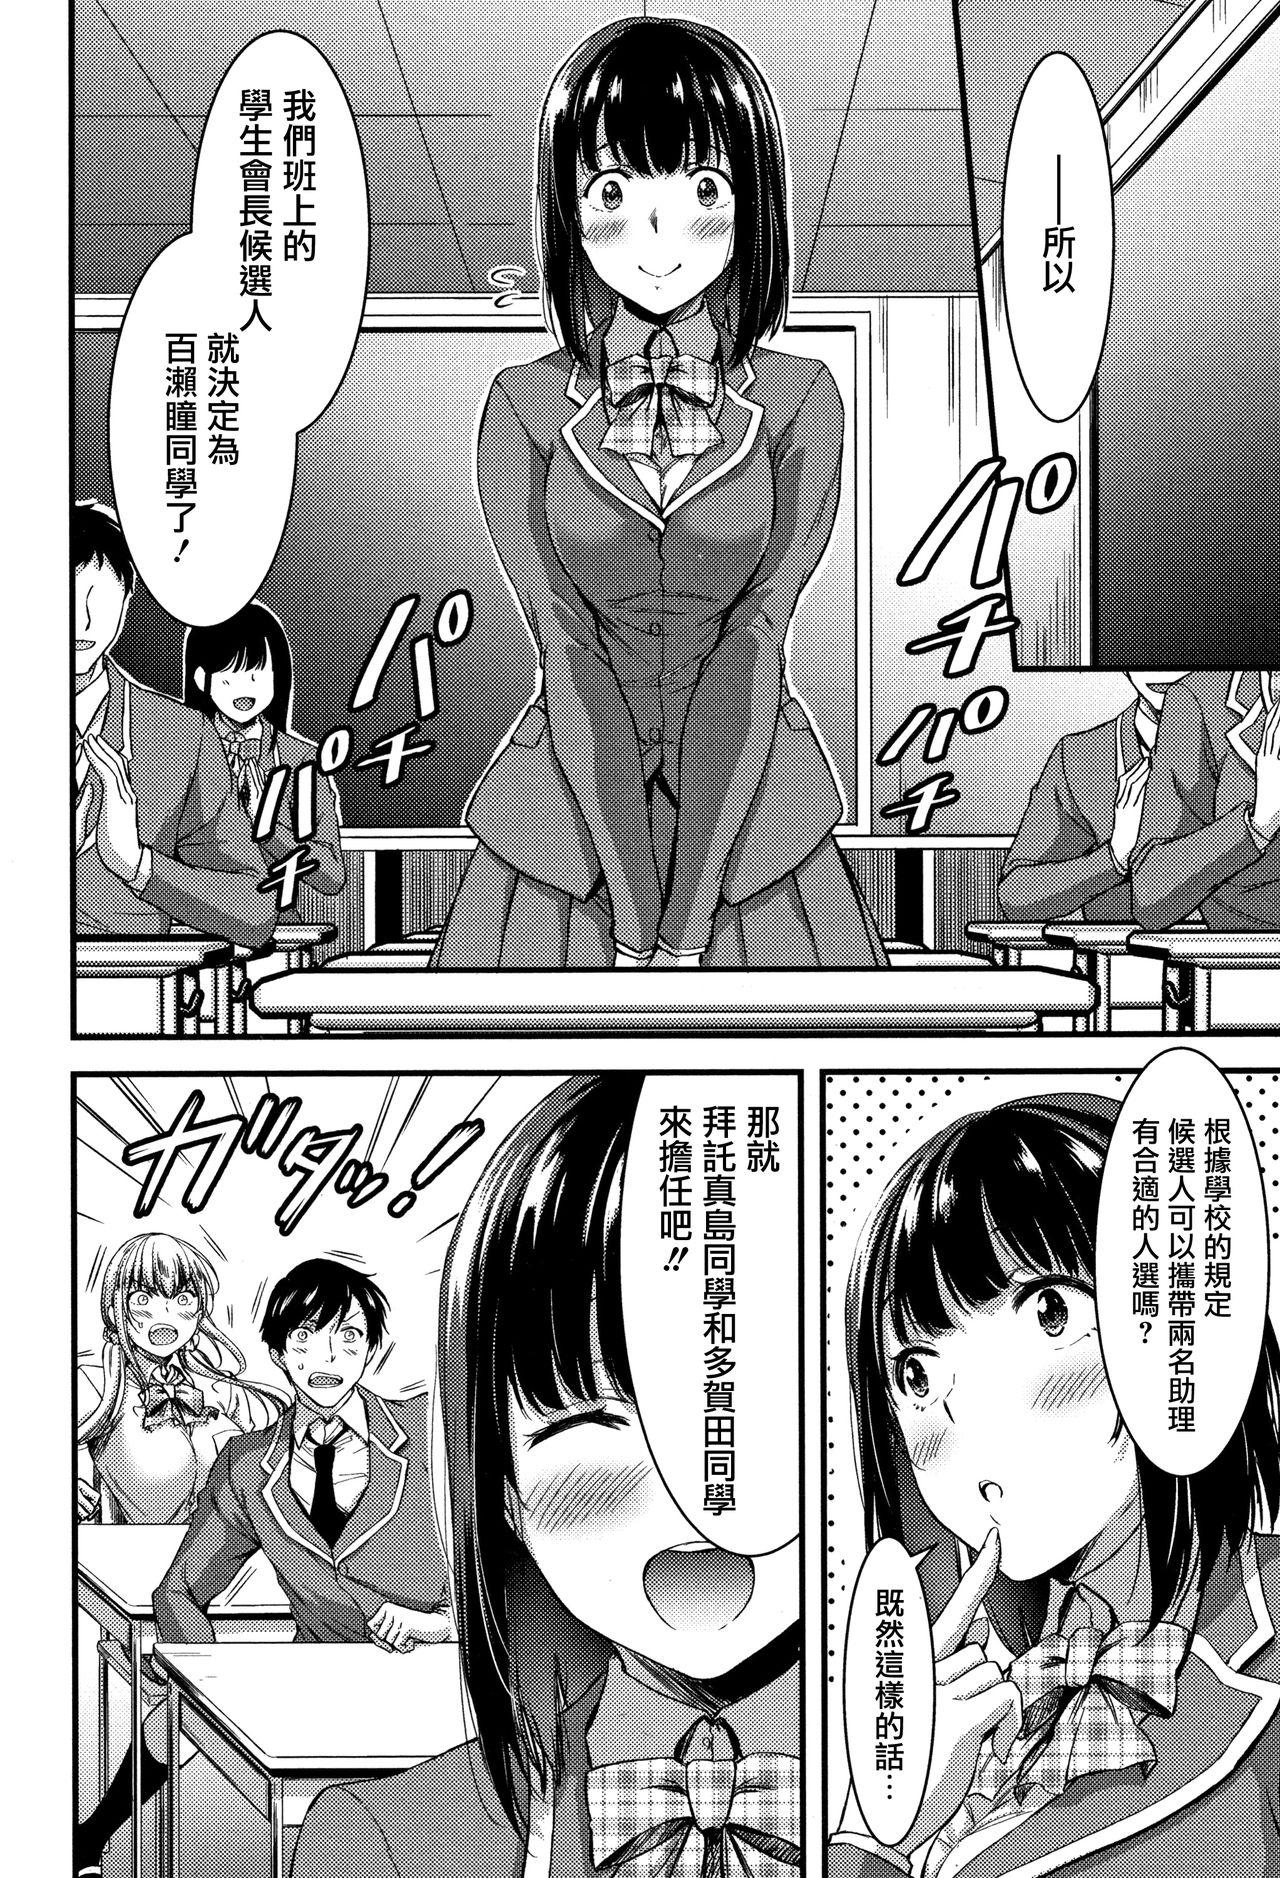 Nichijou Bitch Seitai Kansatsu 56